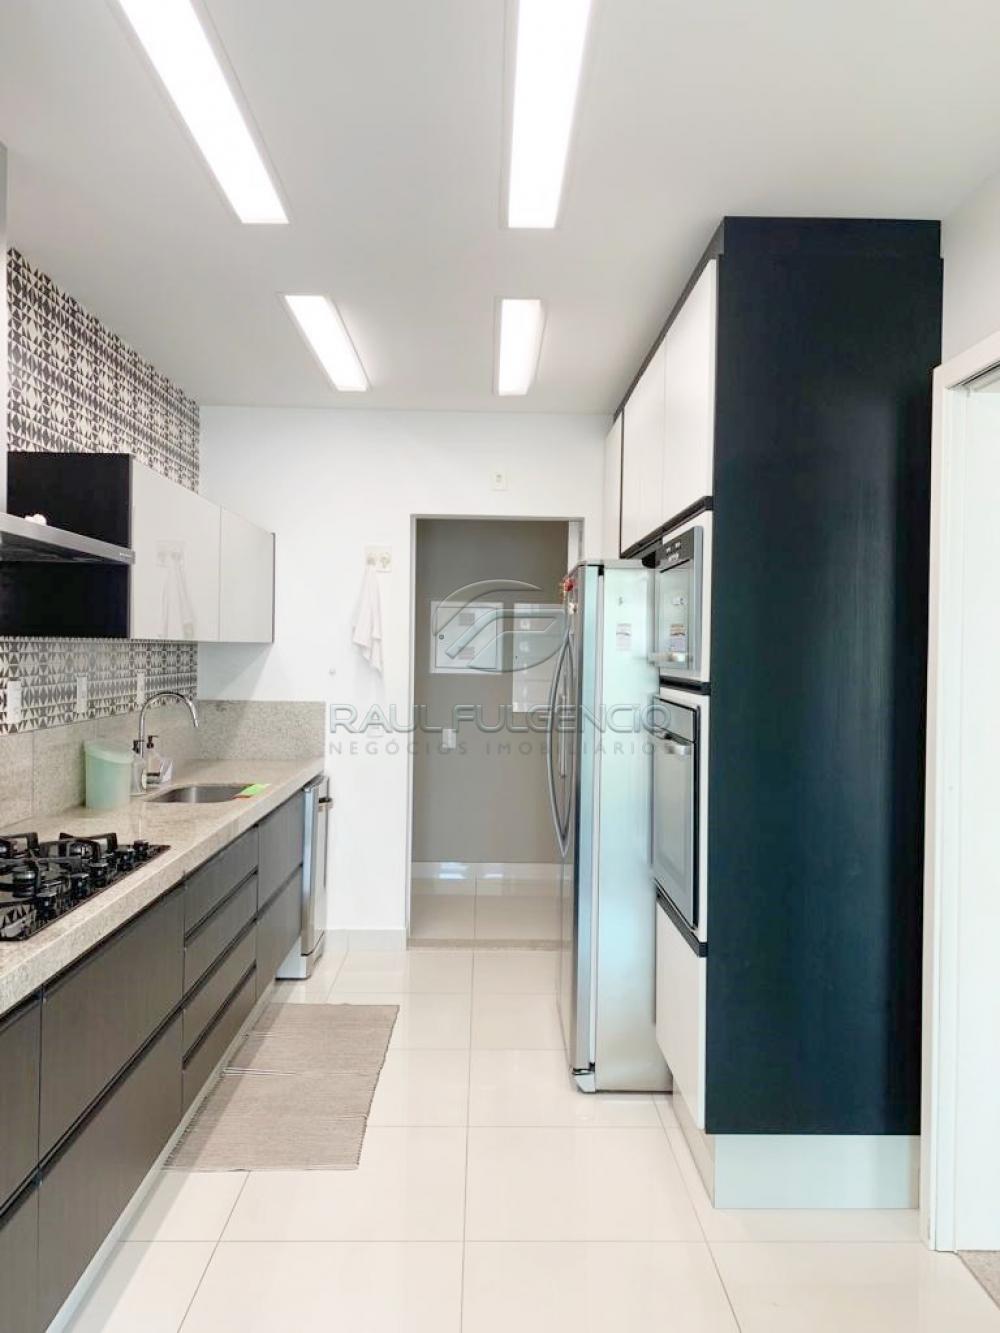 Comprar Apartamento / Padrão em Londrina apenas R$ 1.250.000,00 - Foto 20